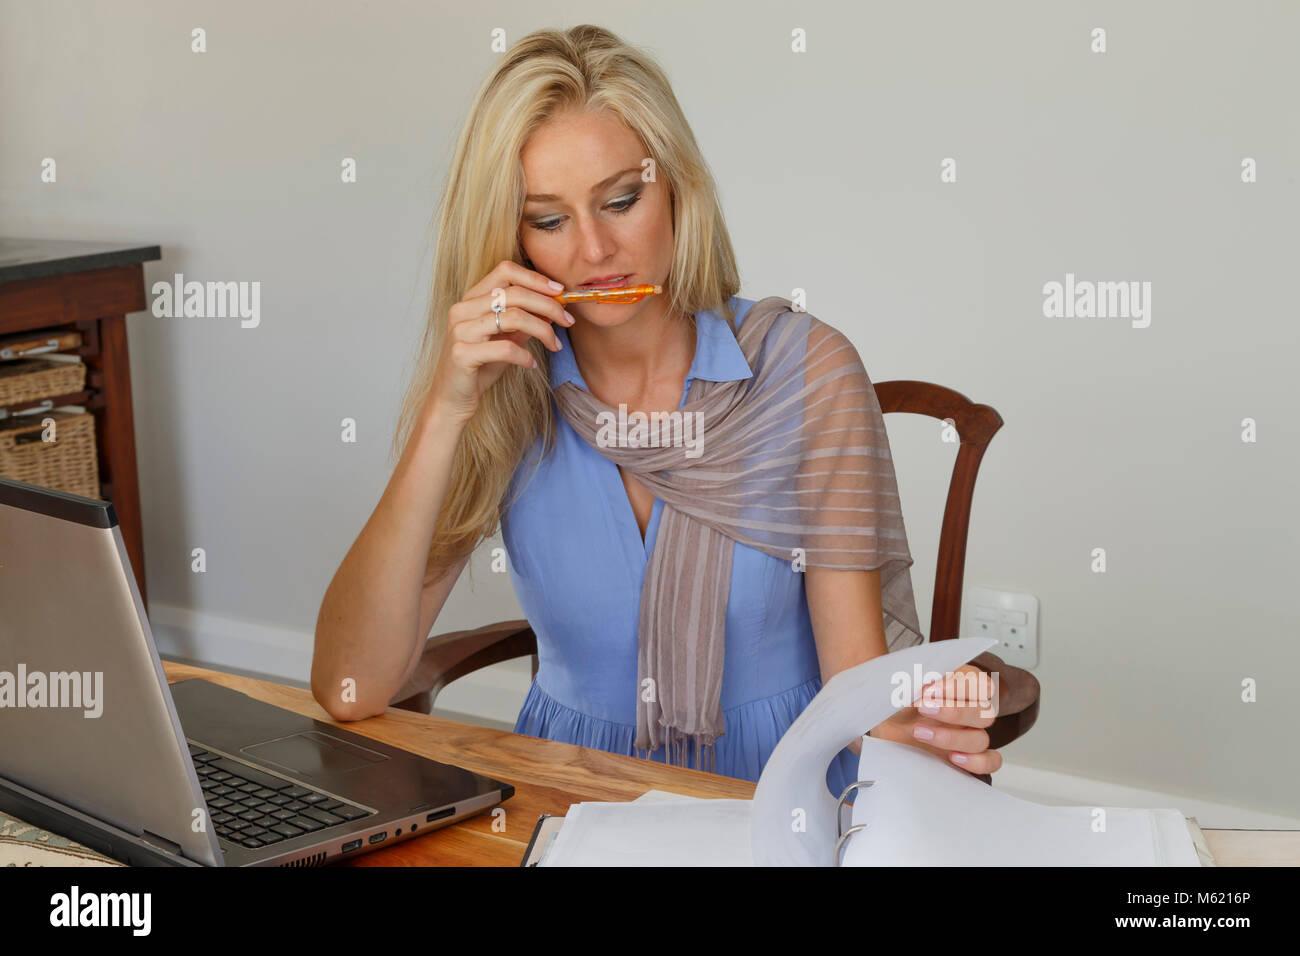 Eine nachdenkliche gut gekleidete junge Frau, die von zu Hause aus arbeiten in entspannter Umgebung tiefer Konzentration Stockbild